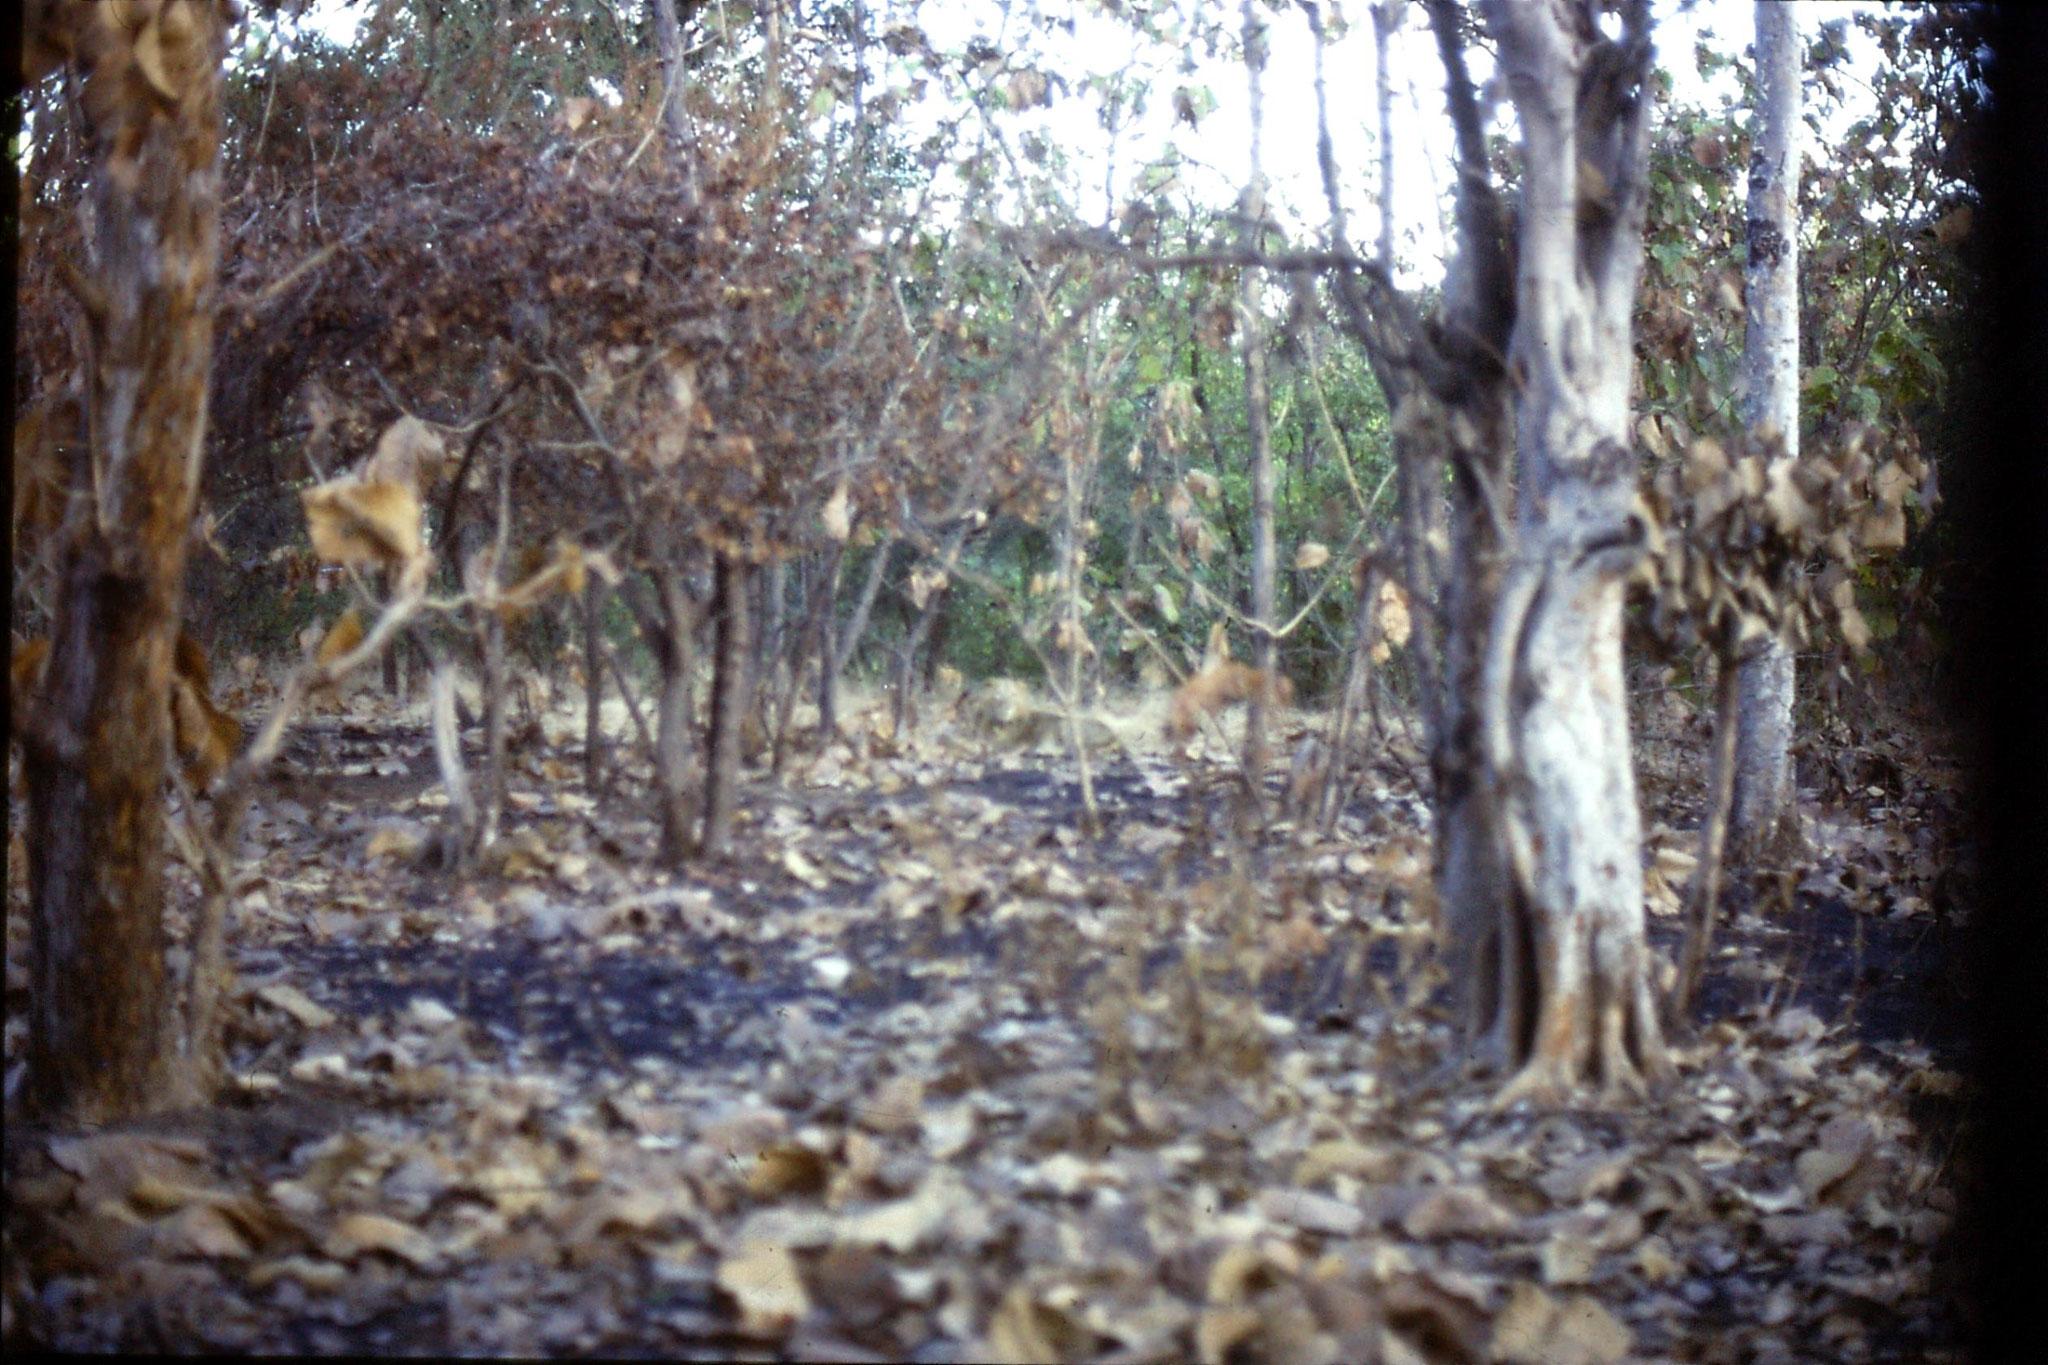 13/12/1989: 3: Sasan Gir, lion